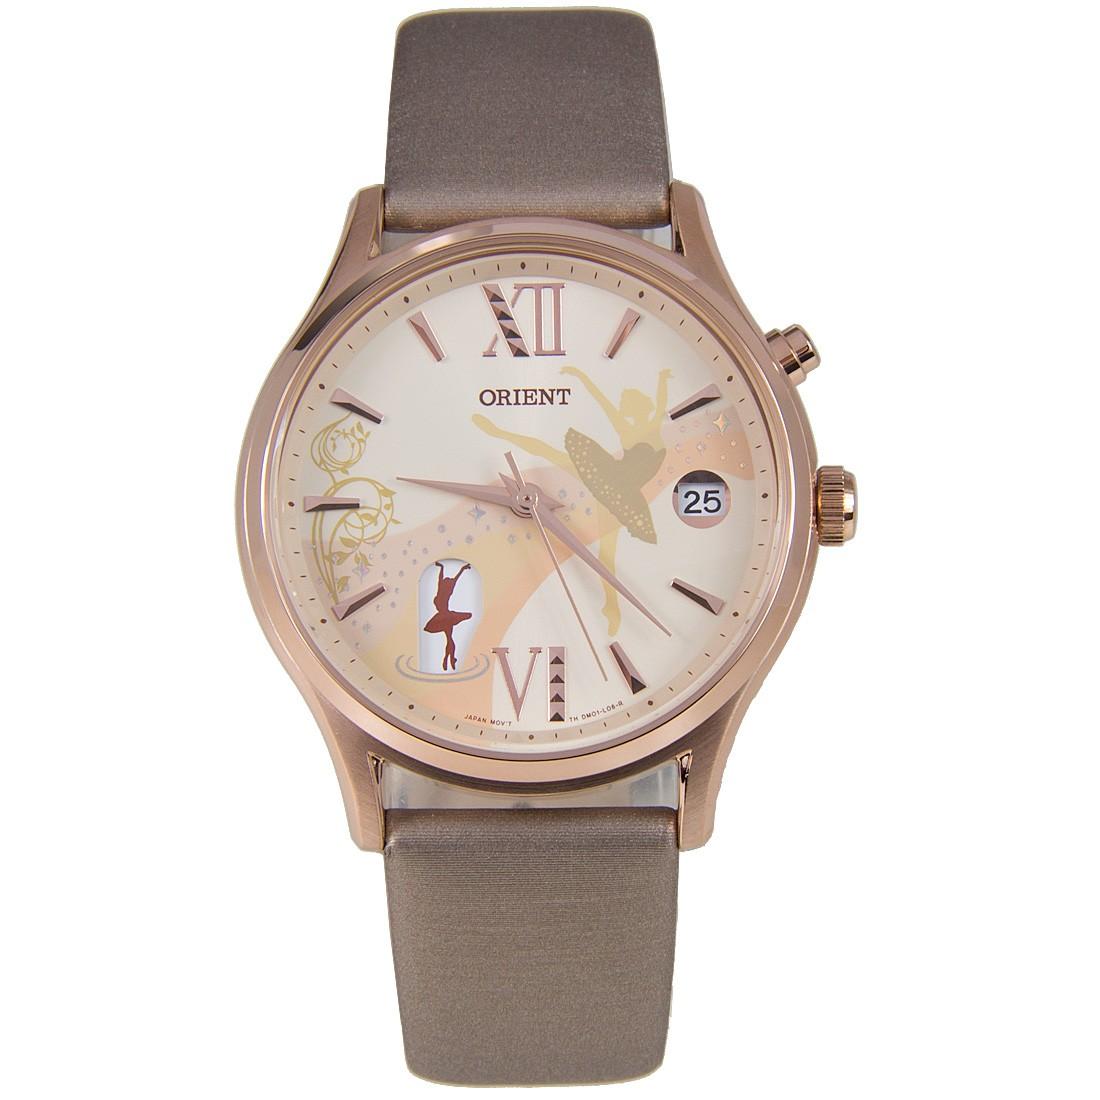 นาฬิกาผู้หญิง Orient รุ่น DM01001Y